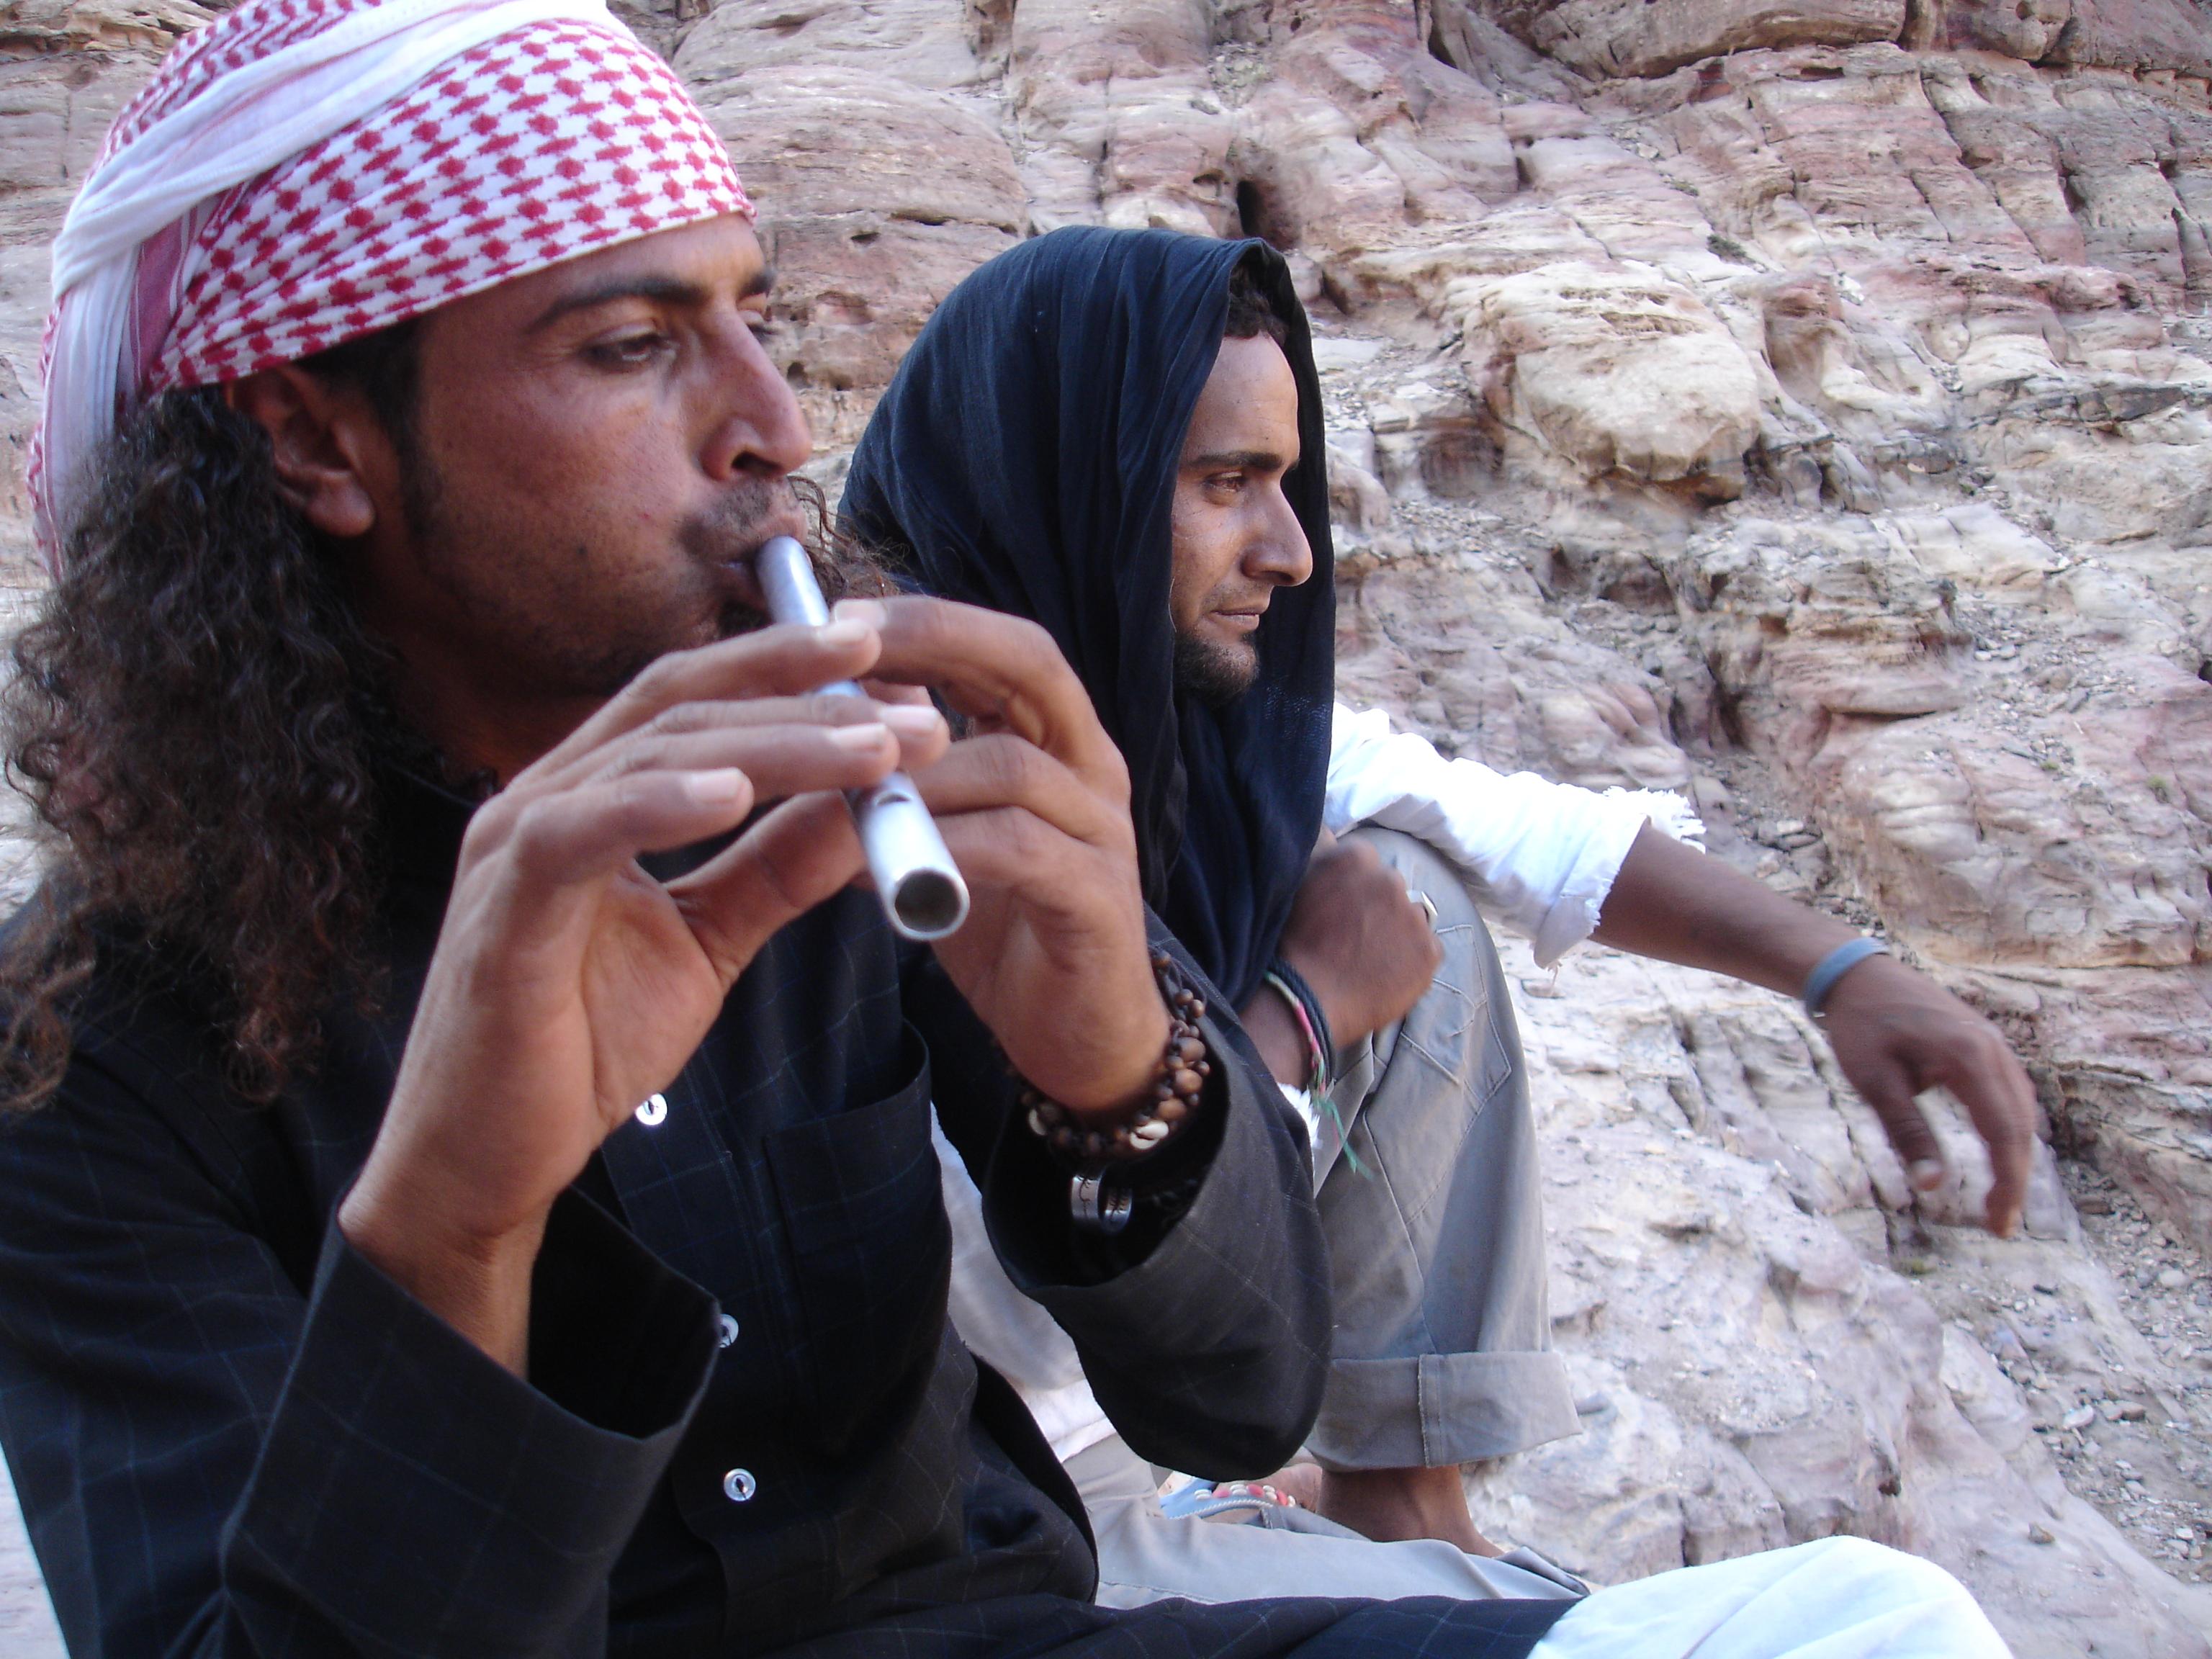 en manada. Entonces, los beduinos dejan de vender la burra, se relajan y se dedican a su vida. Comtemplar las montañas en las que aún siguen habitando, sobre todo. Y fimar. Y tocar la flauta. Este hombre, además de poner a bailar a los pájaros, nos invitó a humo.